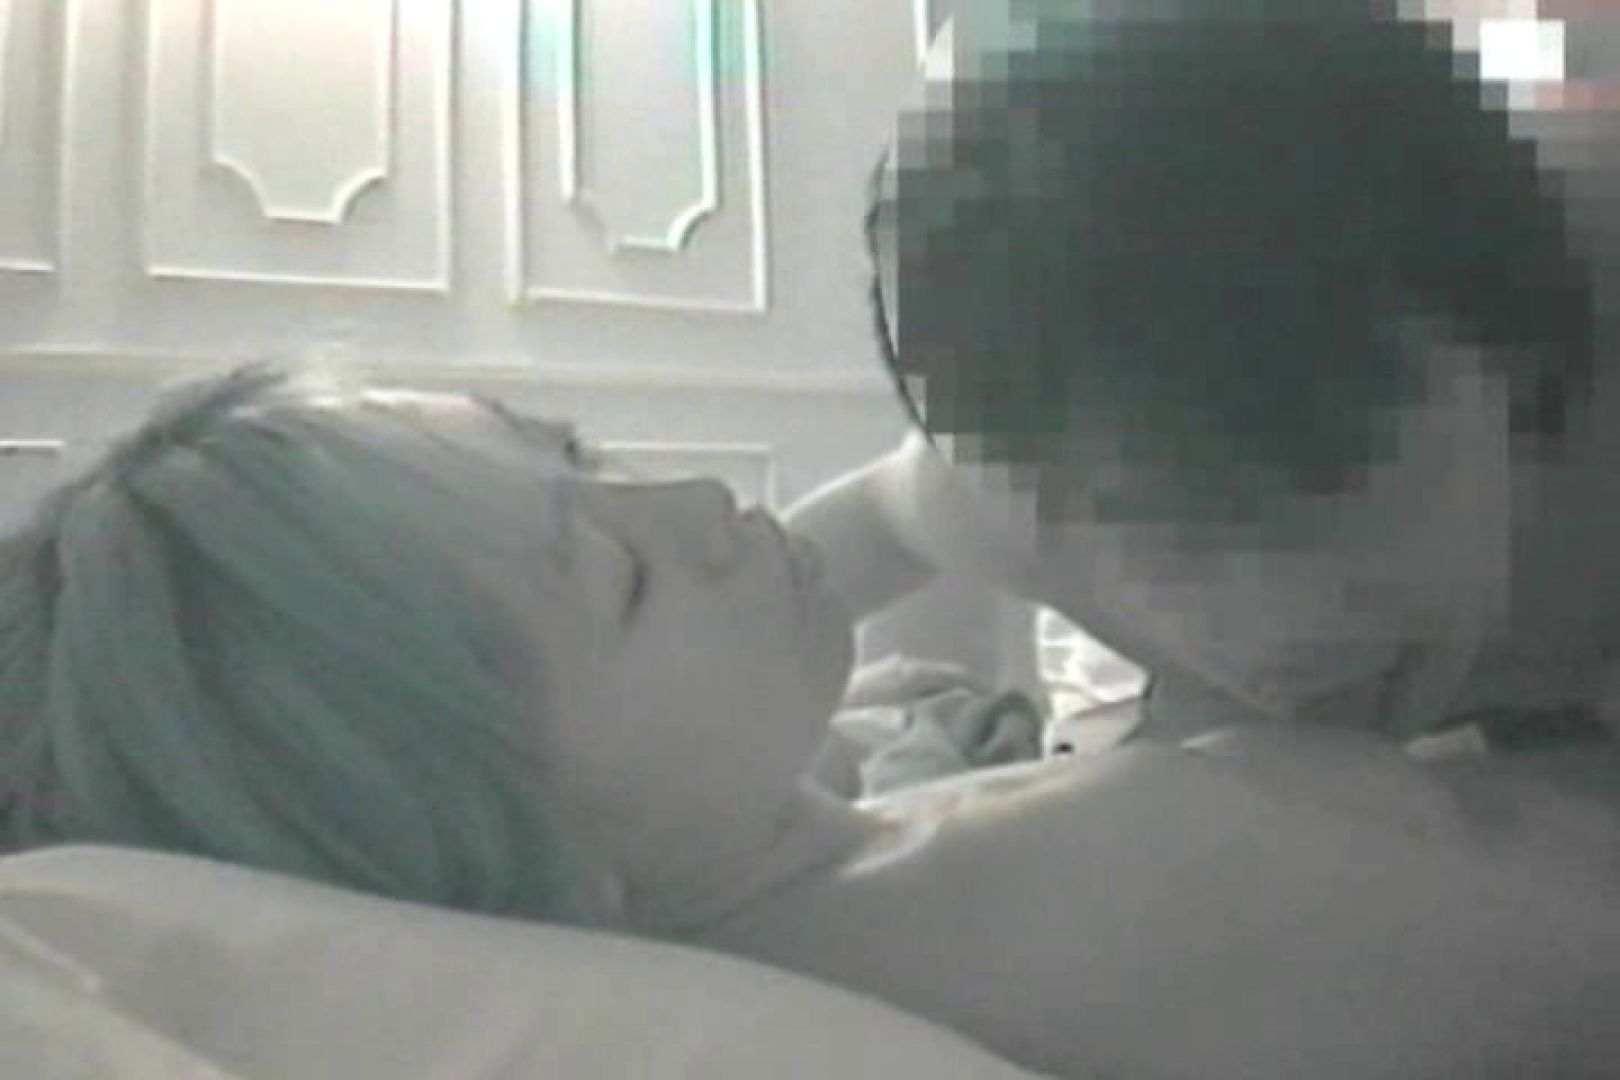 素人嬢をホテルに連れ込みアンナ事・コンナ事!?Vol.2 美女ヌード天国   ホテル  104PIX 1